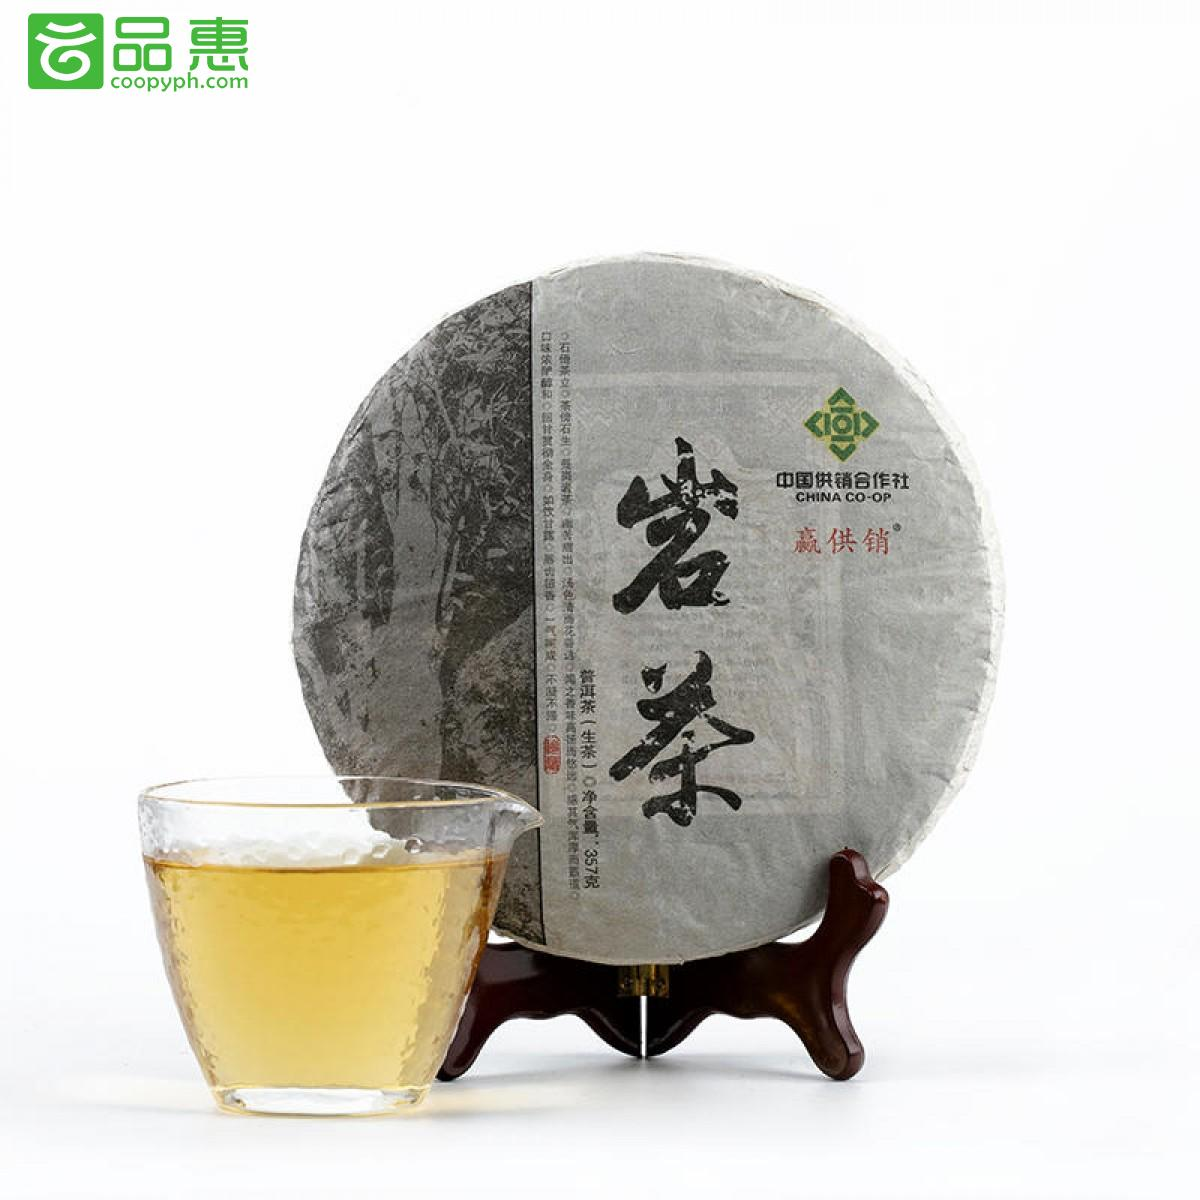 赢供销 2018年岩茶古树普洱茶生茶饼357g